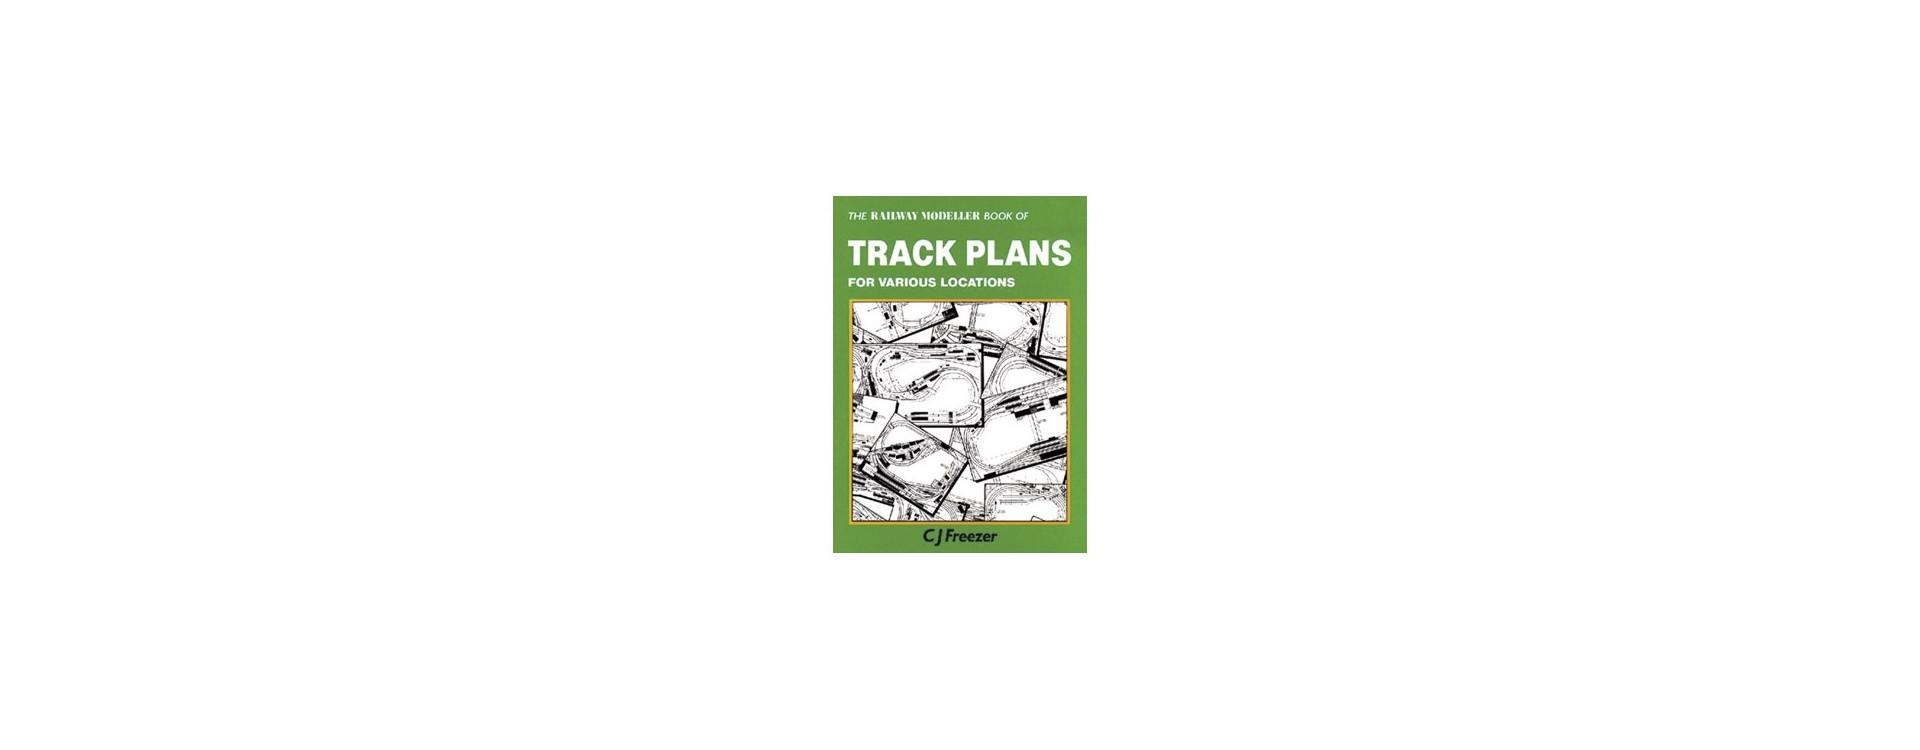 How do you design a track plan?